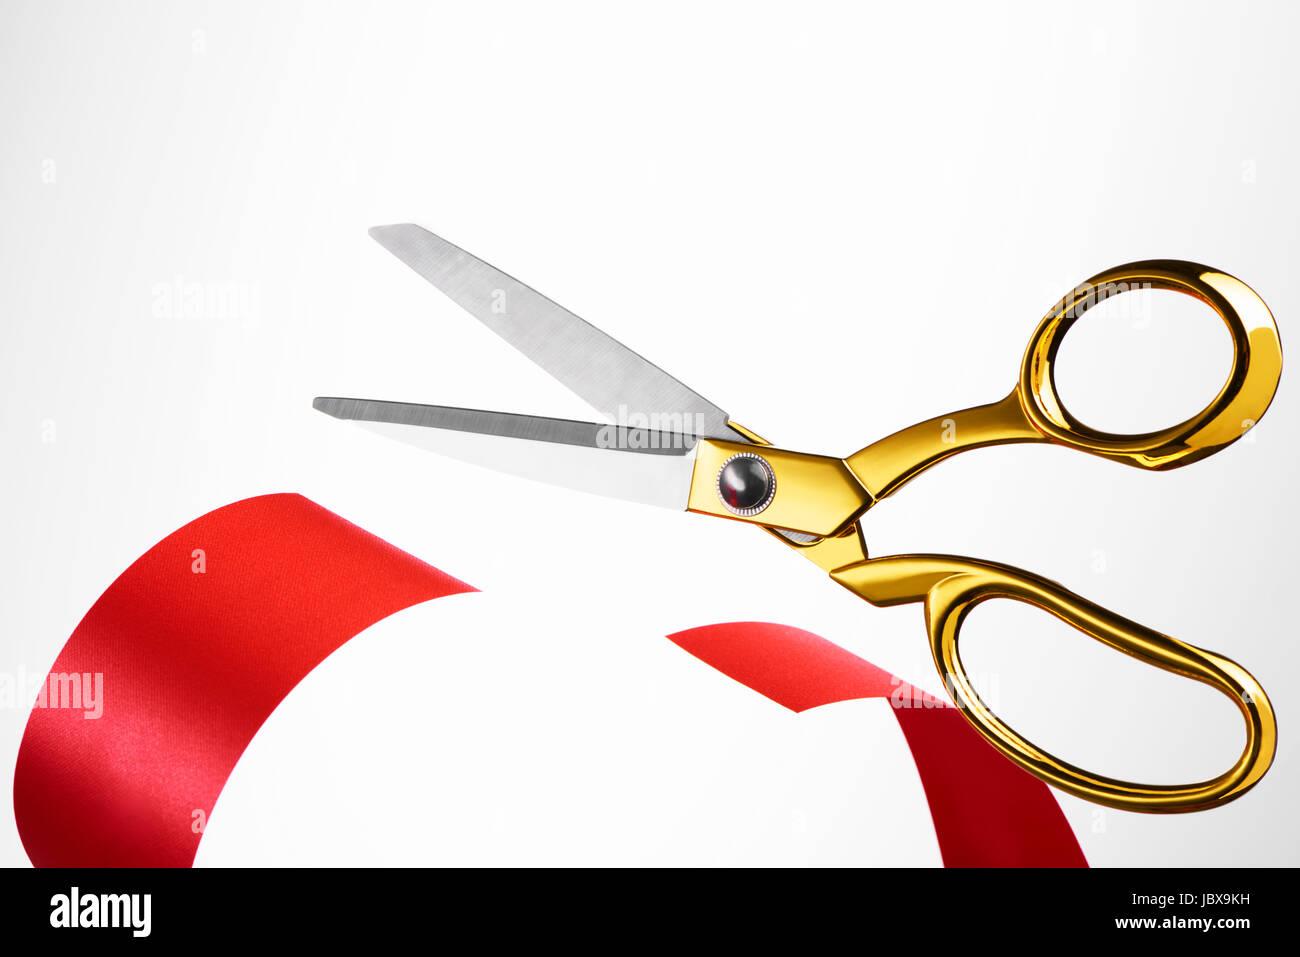 Tijeras de oro cortando la cinta roja/ cinta Imagen De Stock